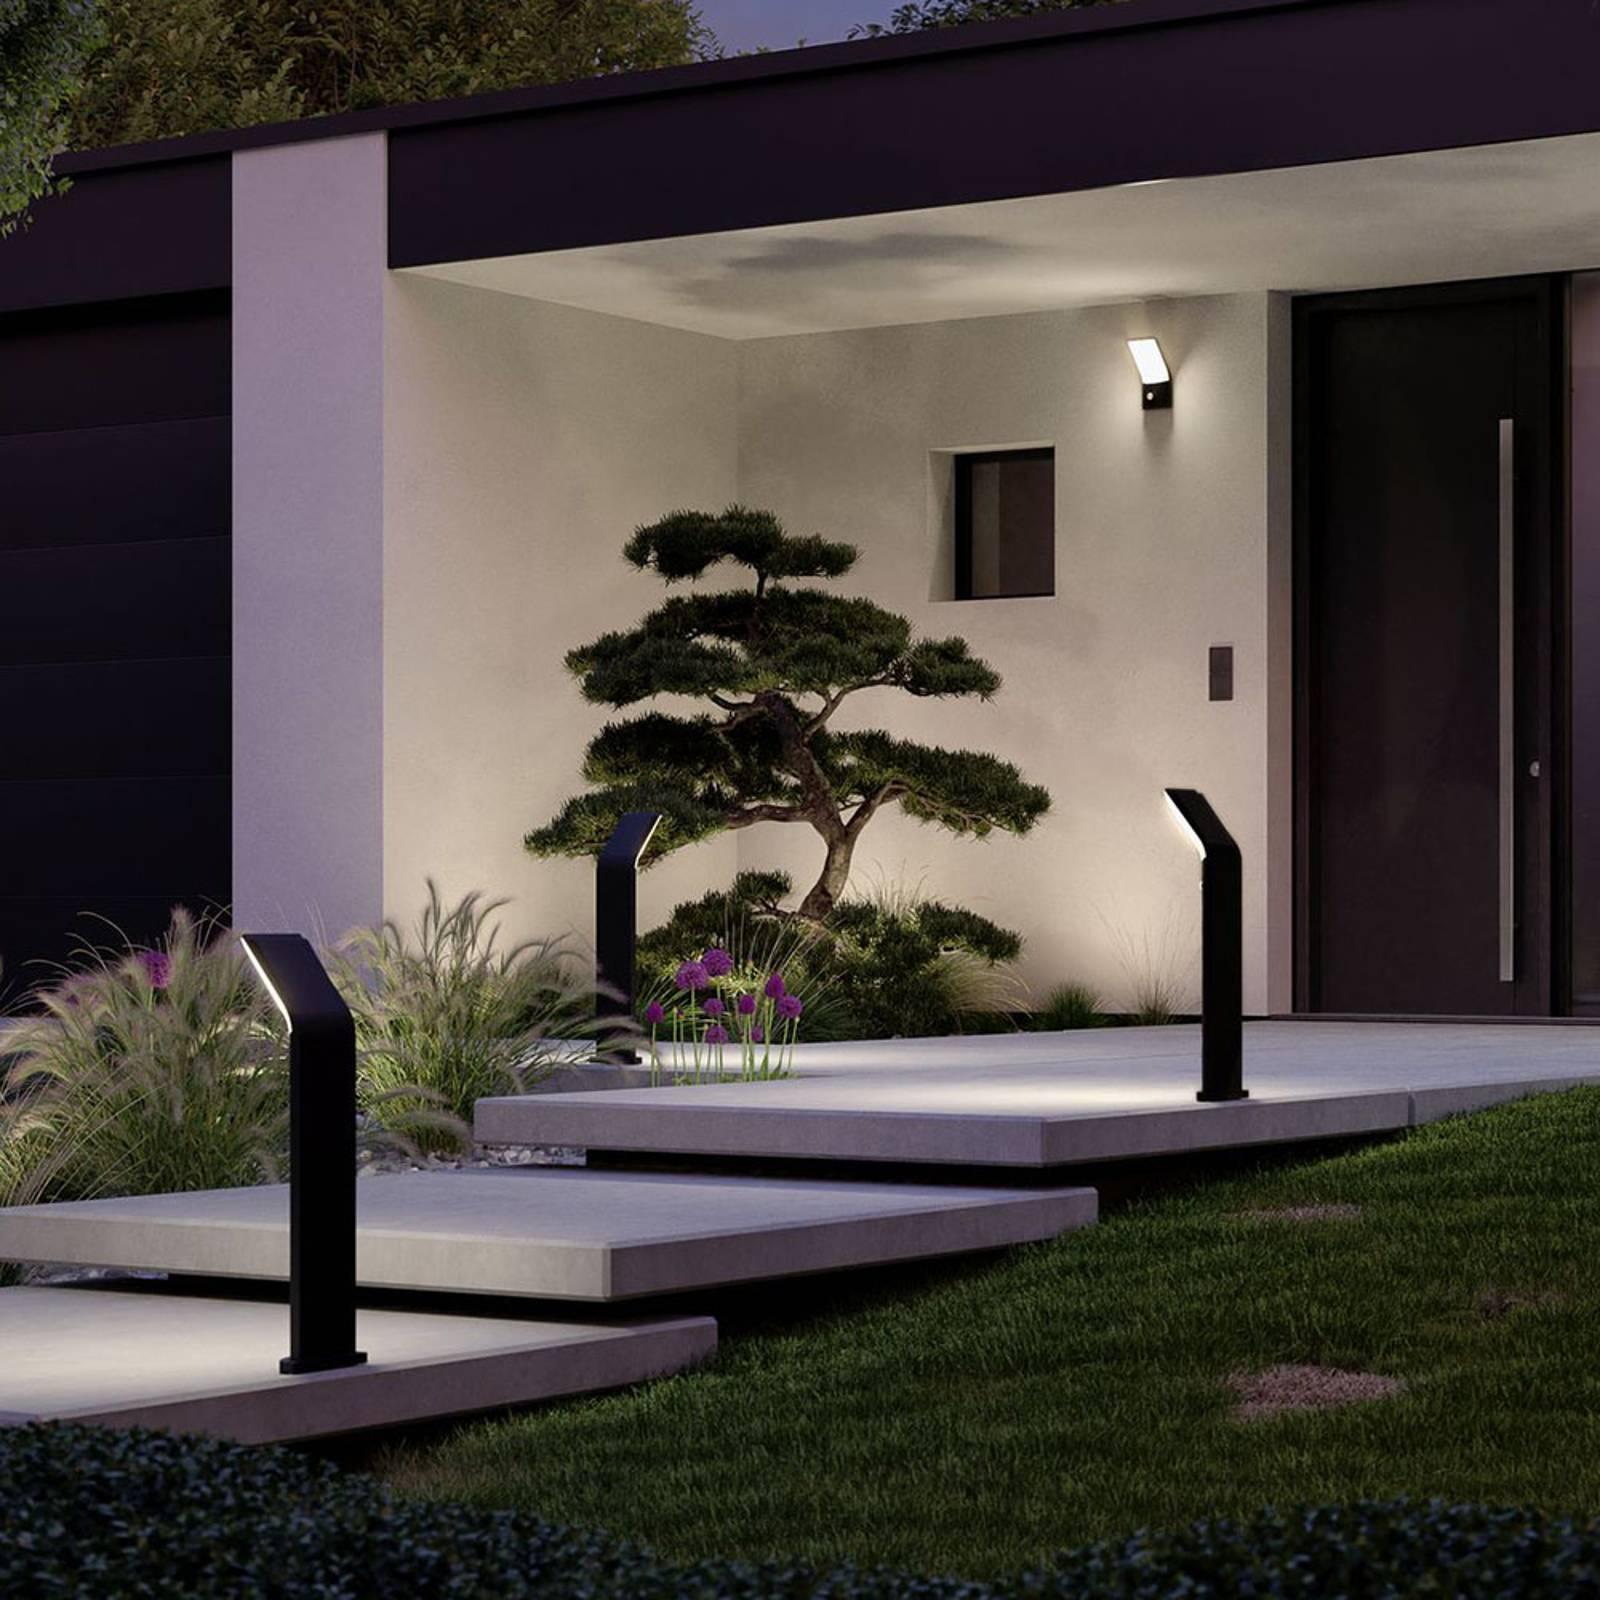 Paulmann Adya LED tuinpadverlichting met sensor